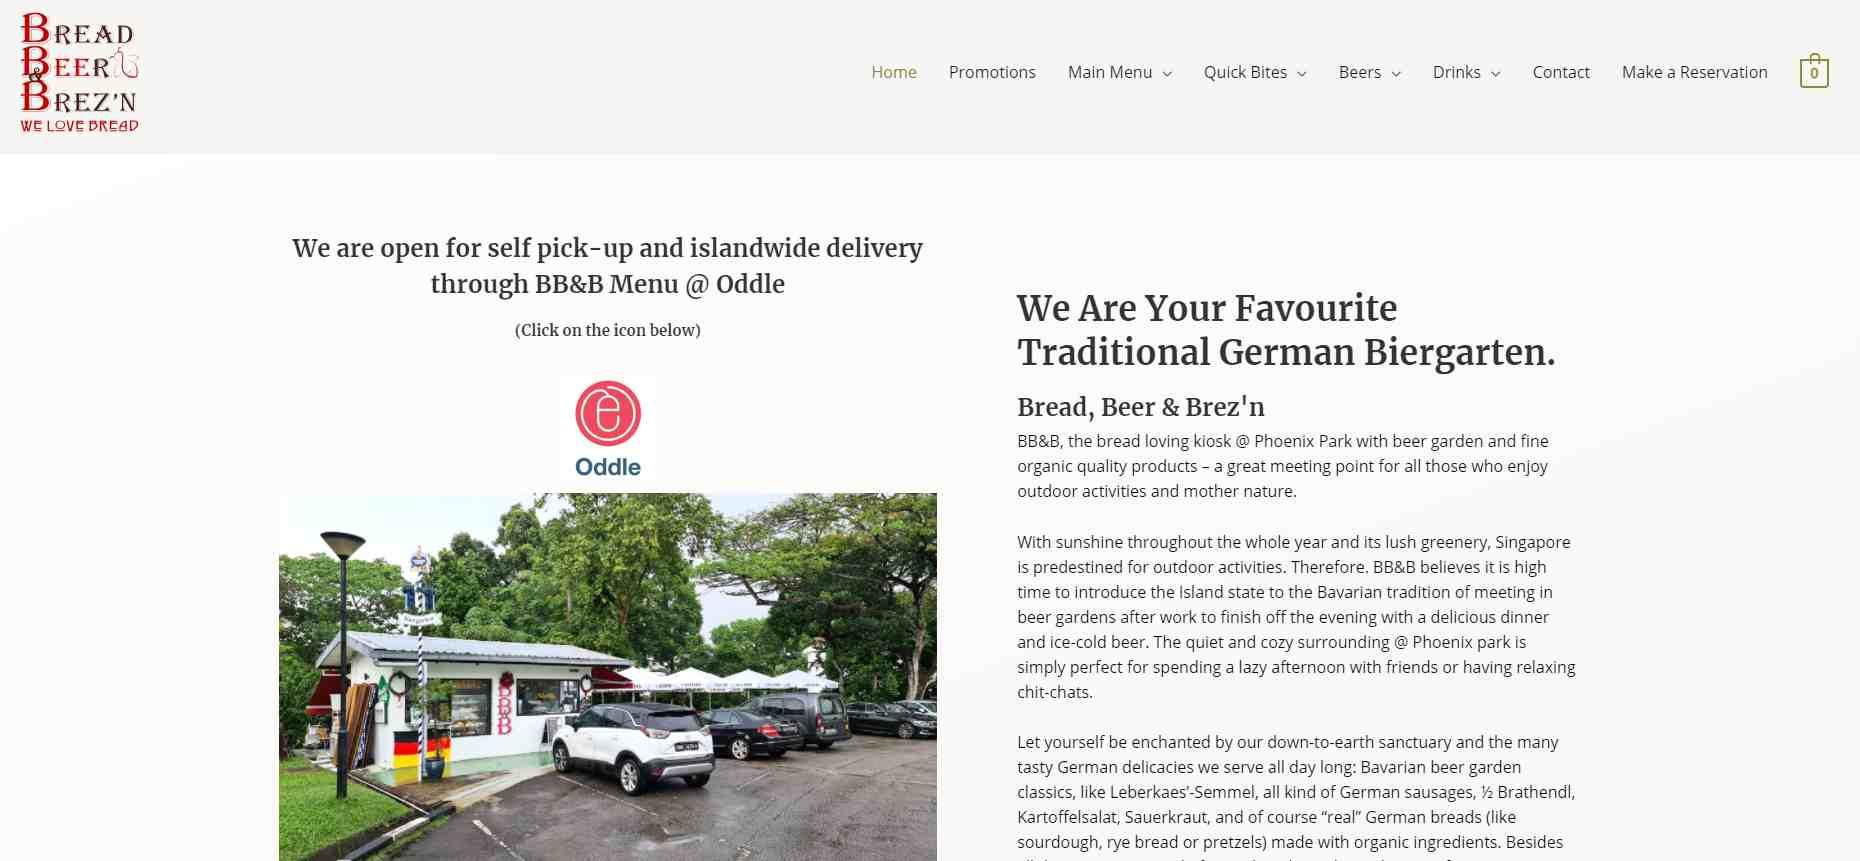 bbnb Top German Restaurants in Singapore